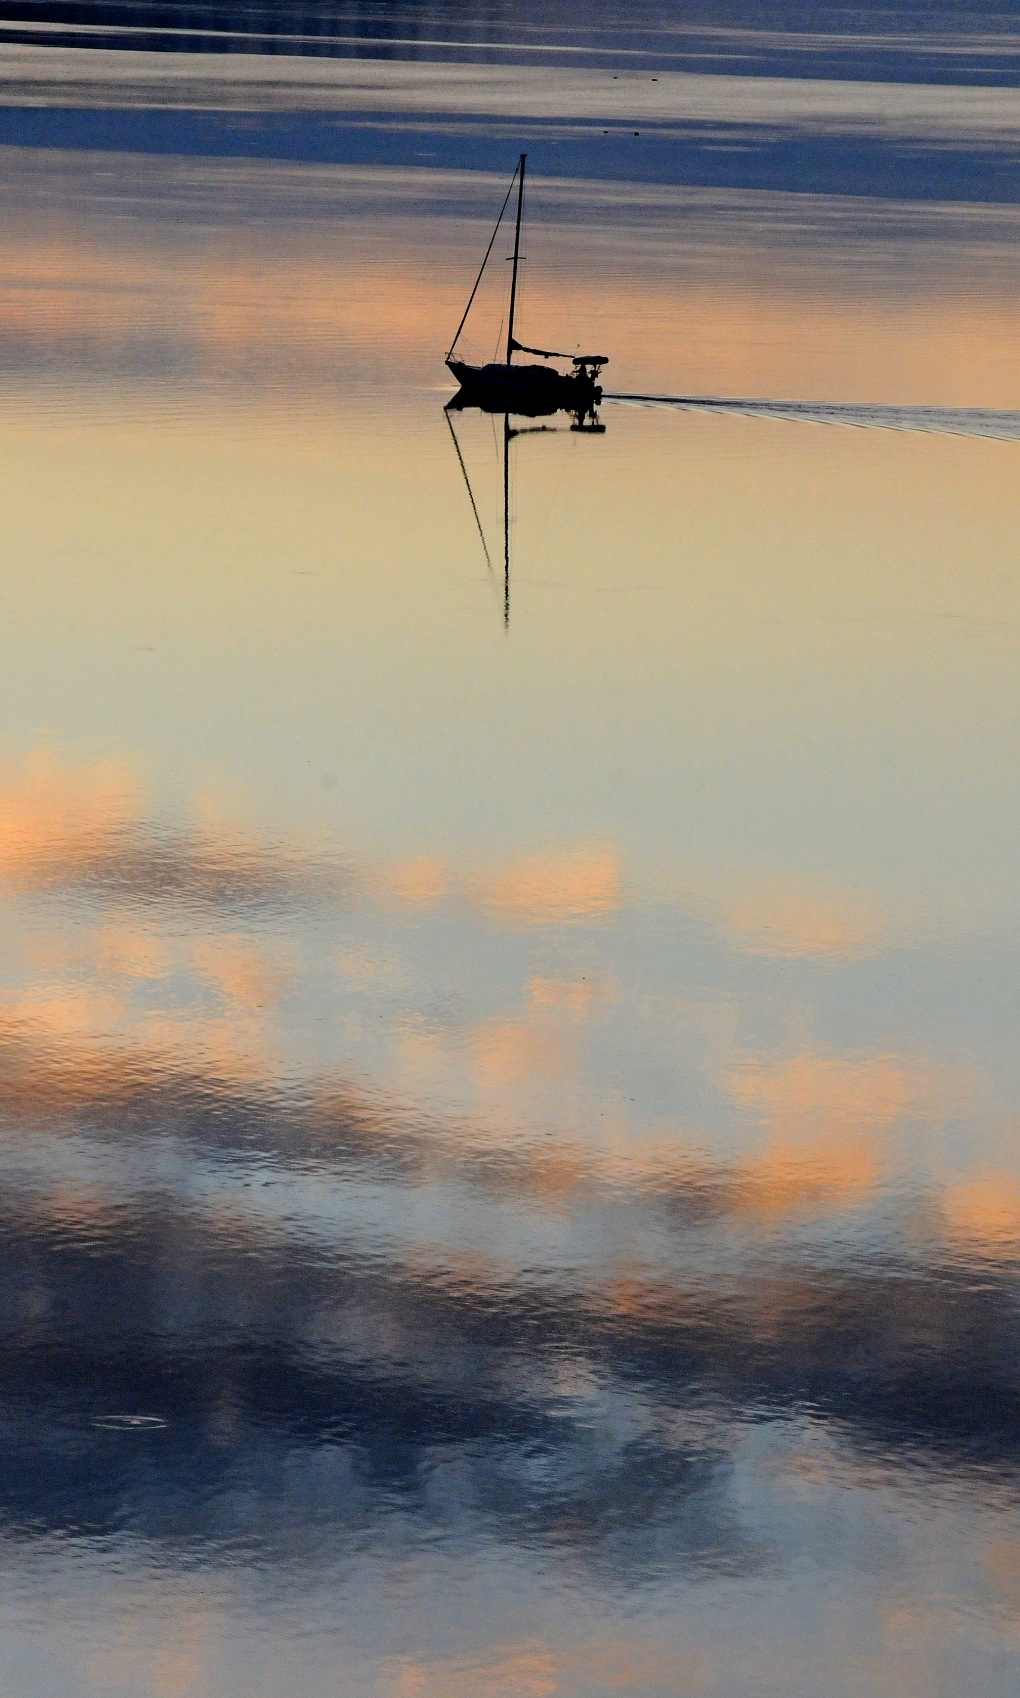 sunrise sail#1 070414